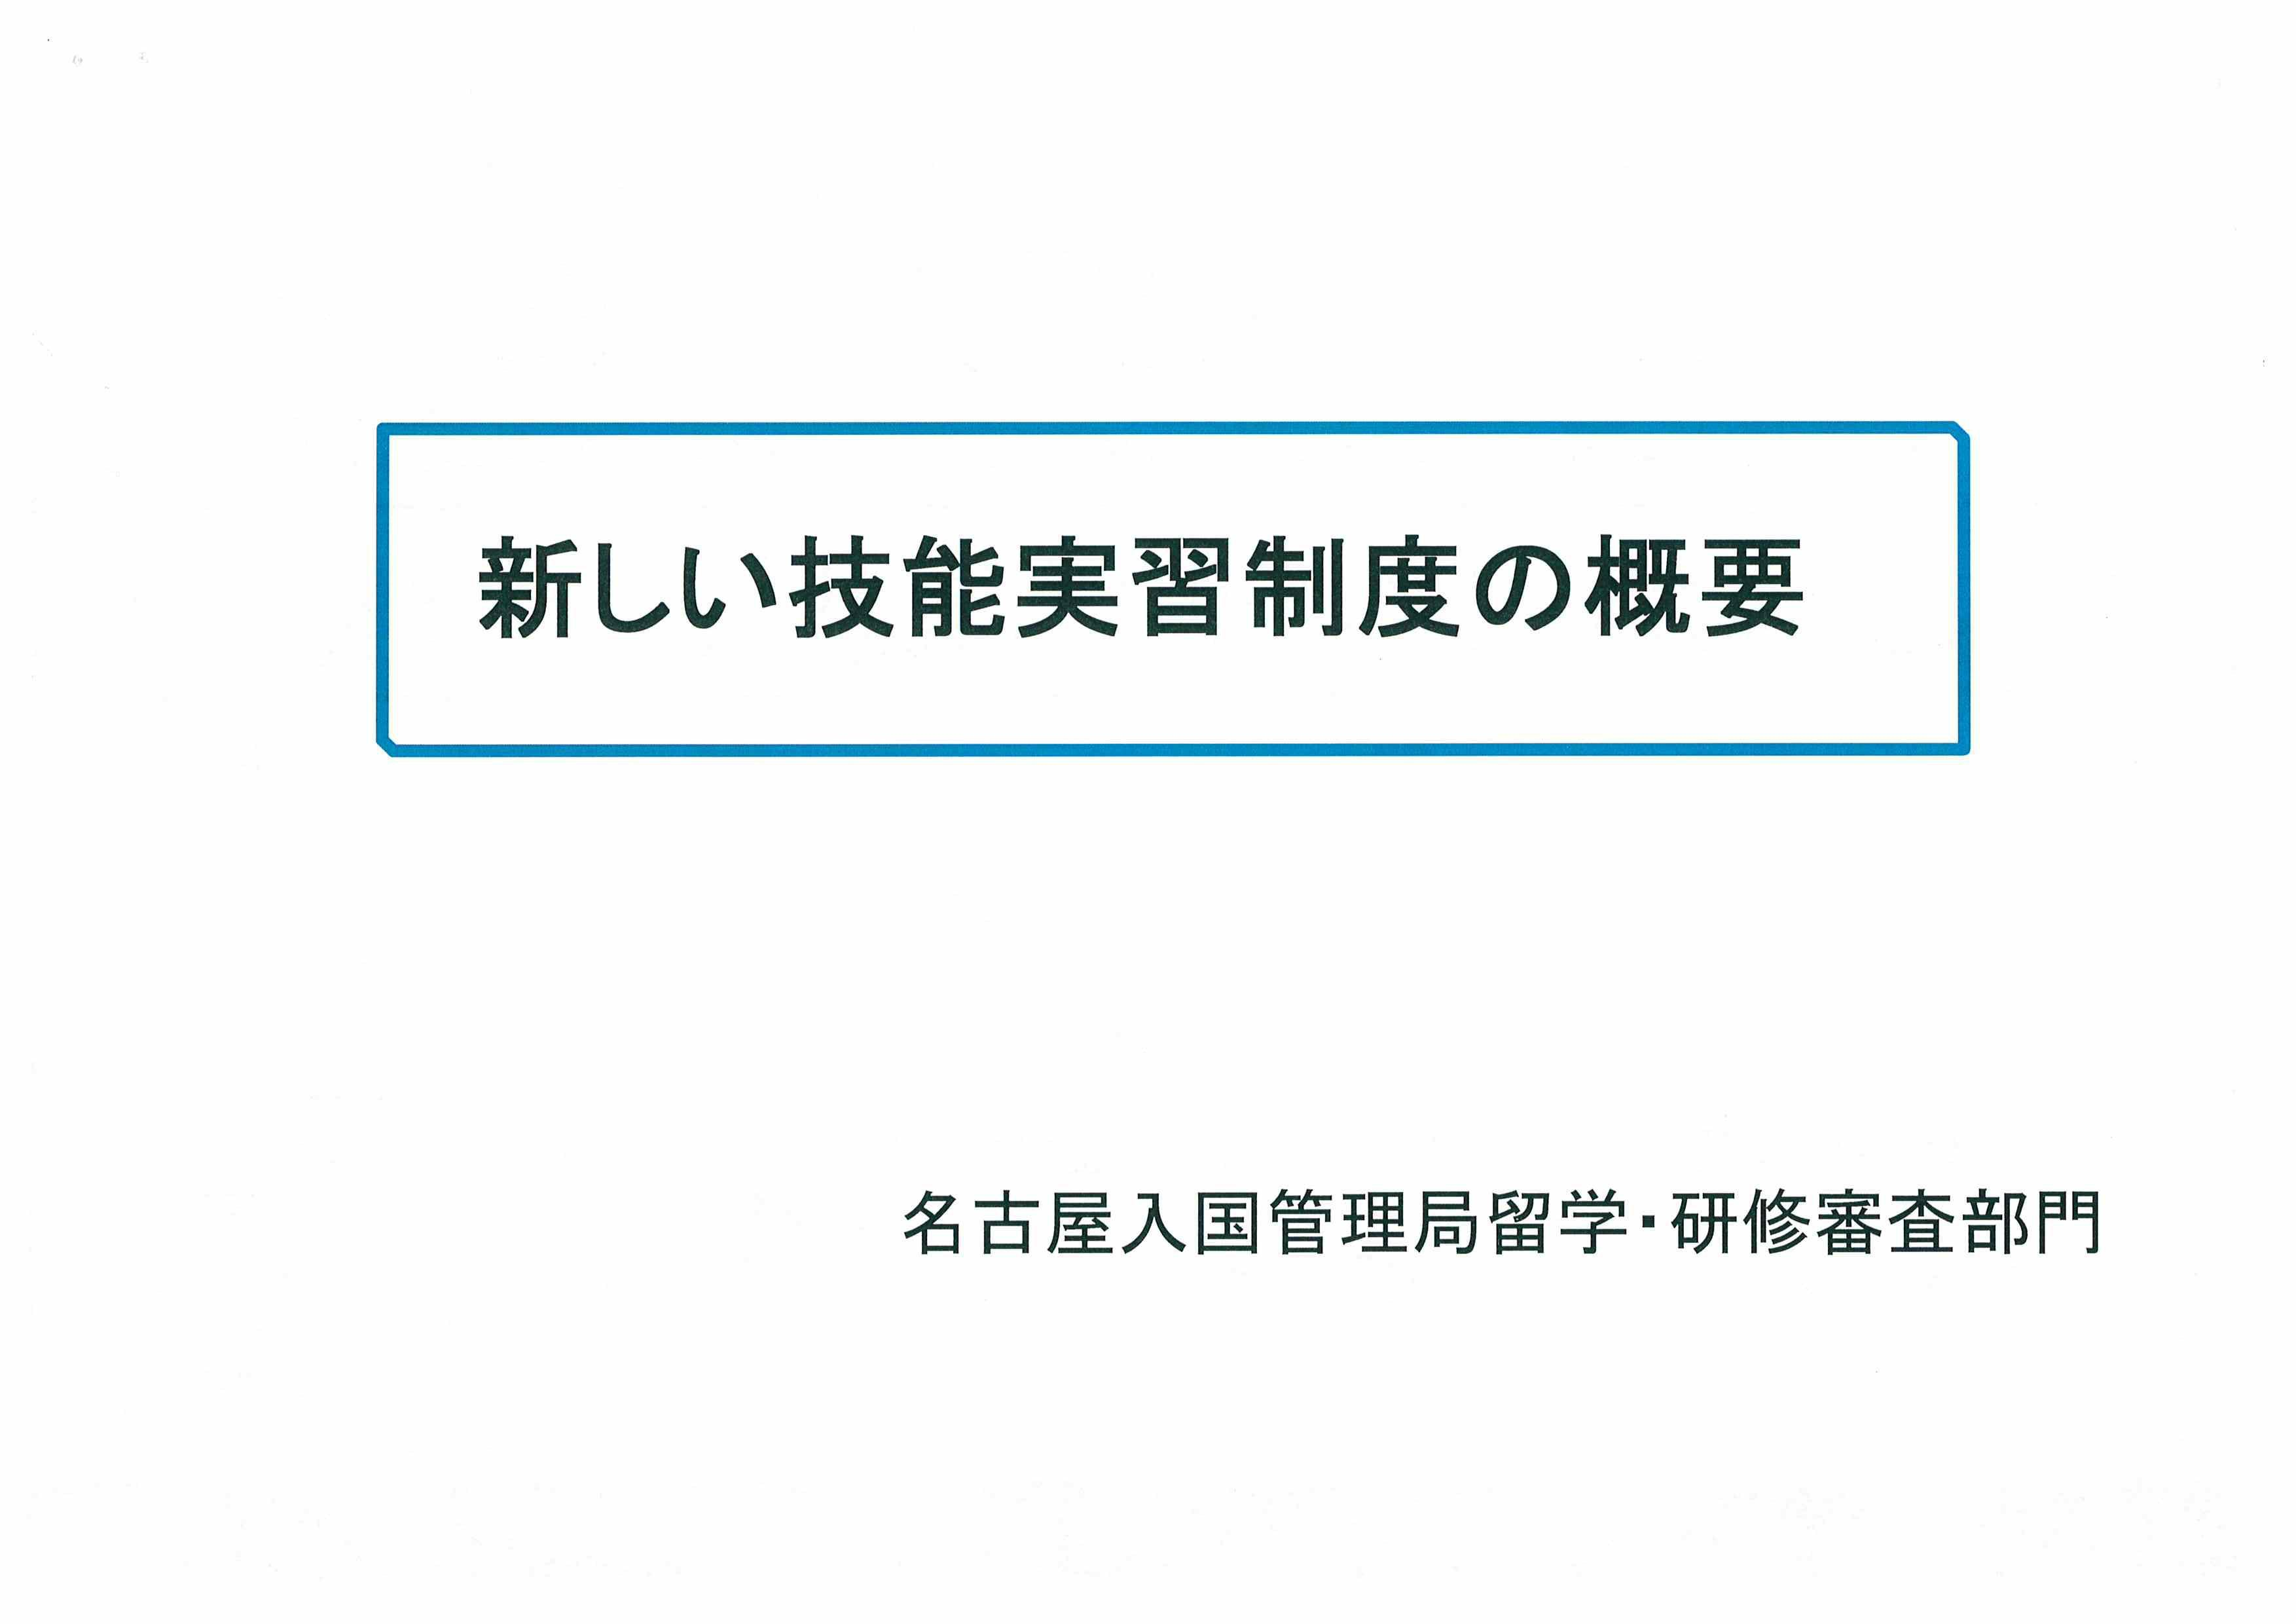 新しい外国人の技能実習生制度概要①_c0191200_08285538.jpg